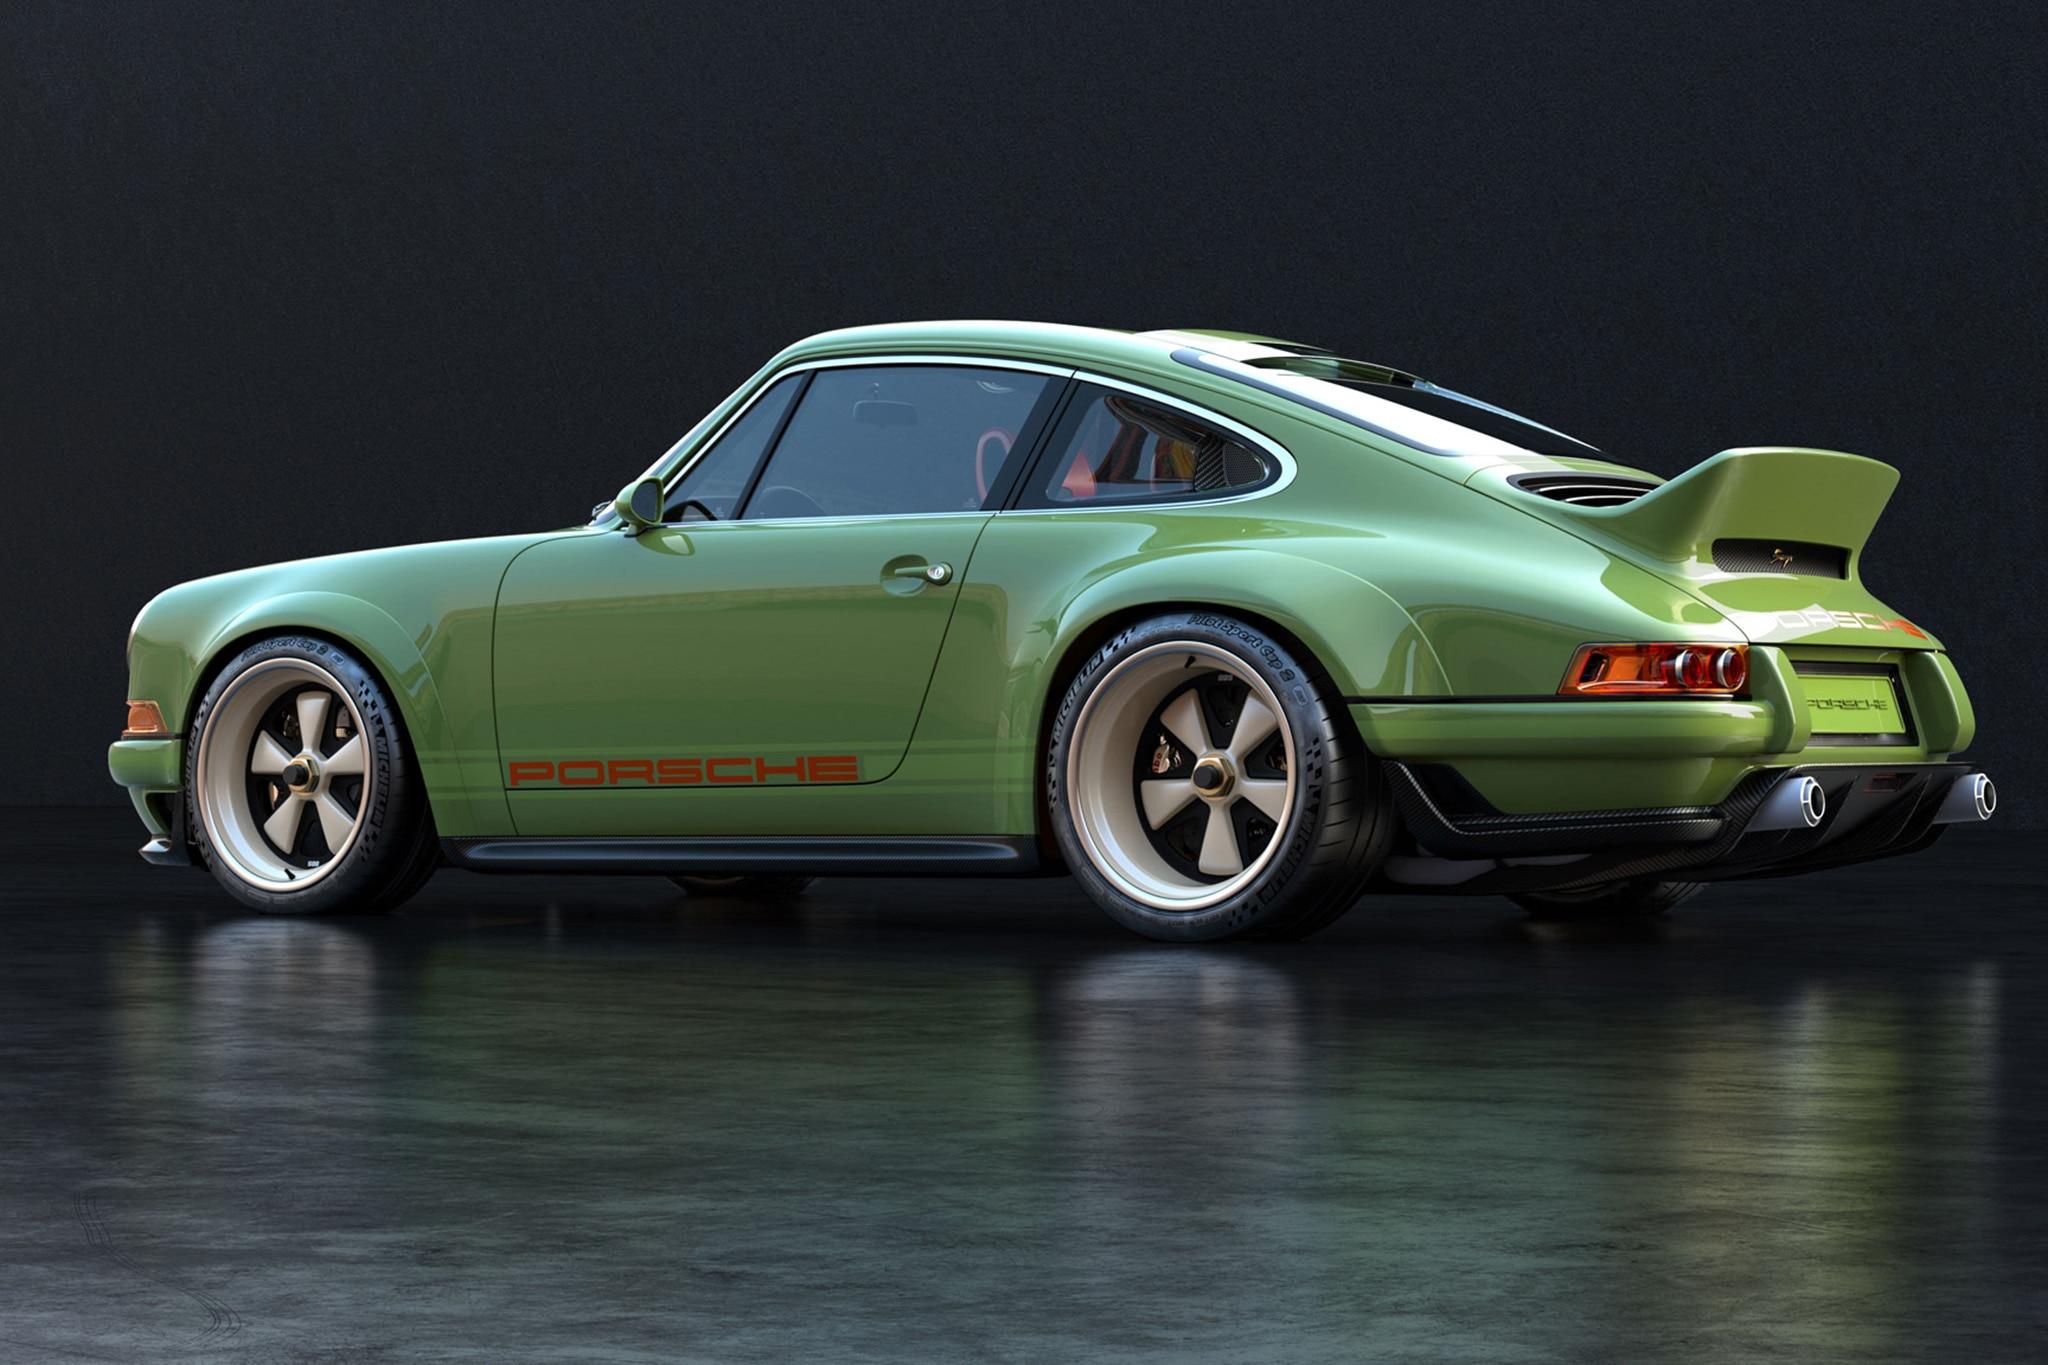 Singer finally reveals its 500-HP Porsche monster